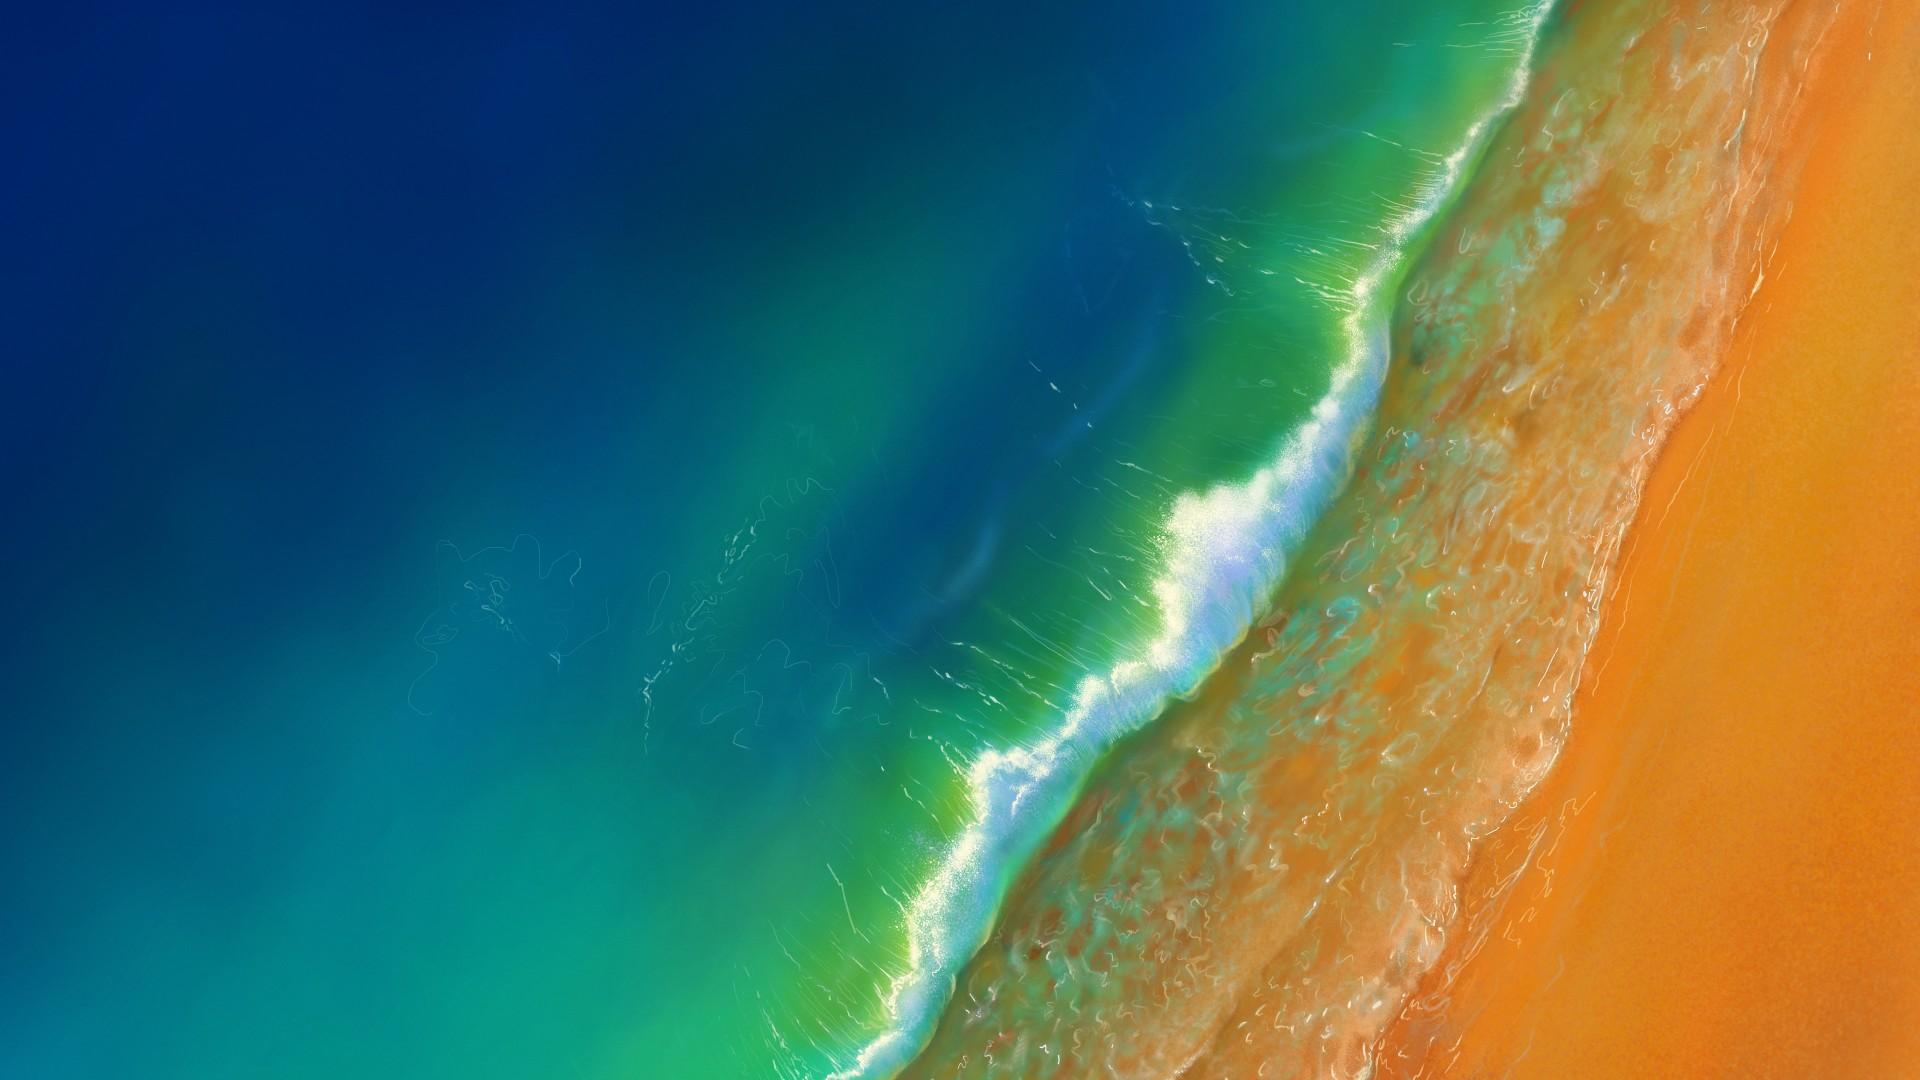 Cute Hawii Wallpapers Ocean Beach 4k Wallpapers Hd Wallpapers Id 27910